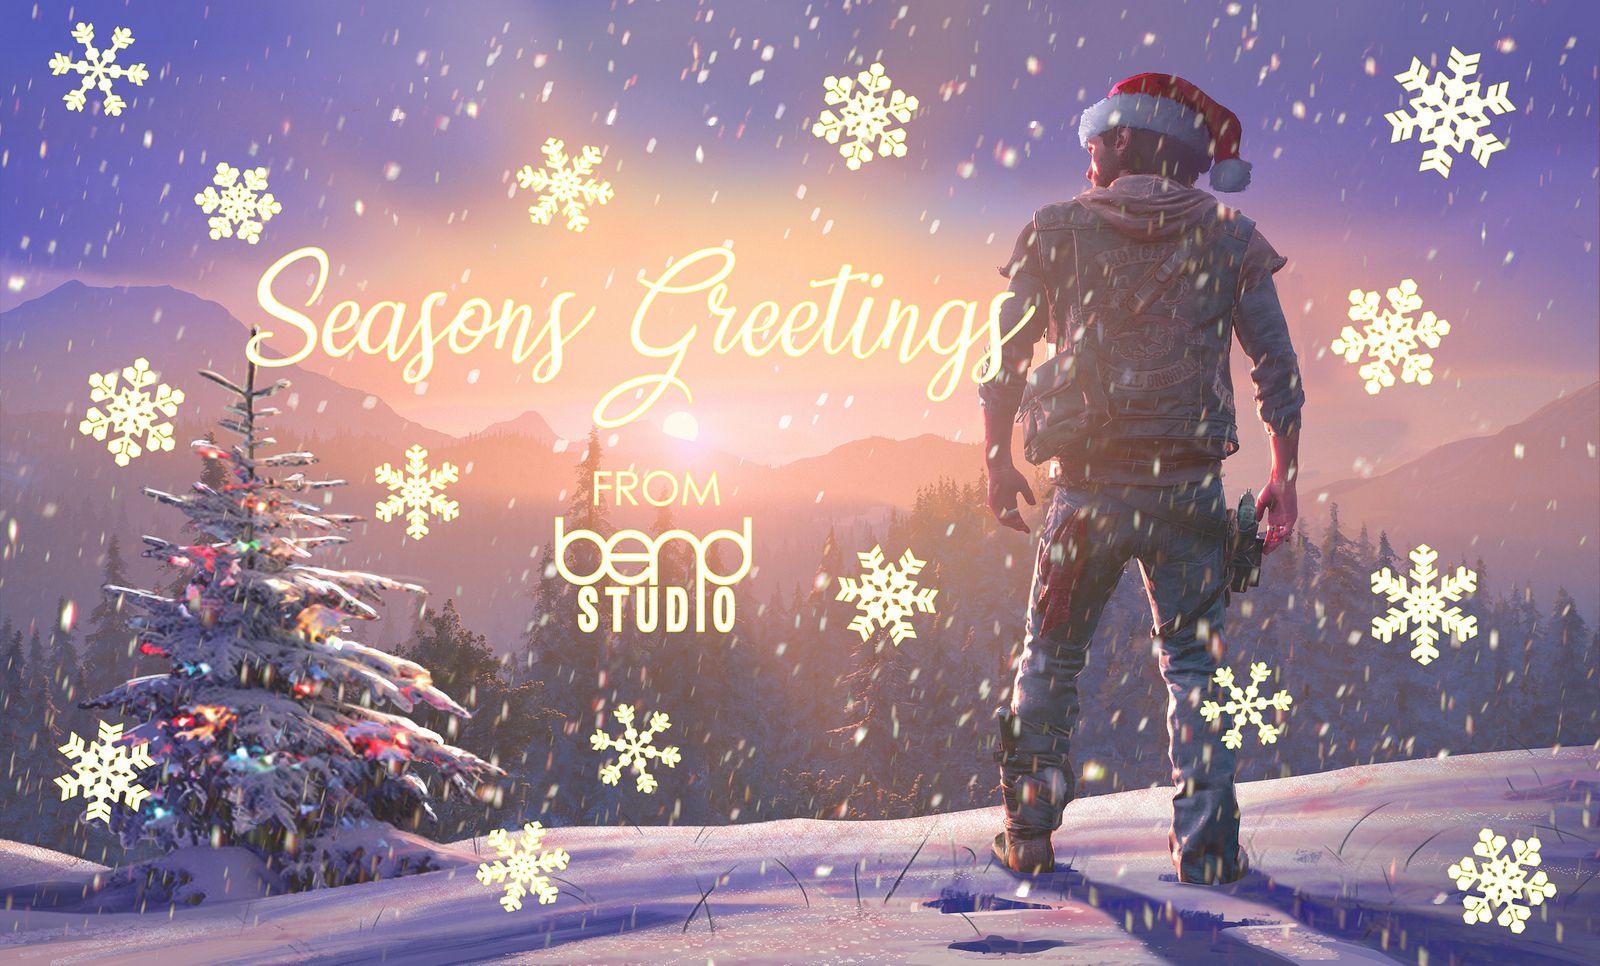 Buon Natale Freestyle Testo.Gli Sviluppatori Playstation Ci Augurano Un Buon Natale Con Delle